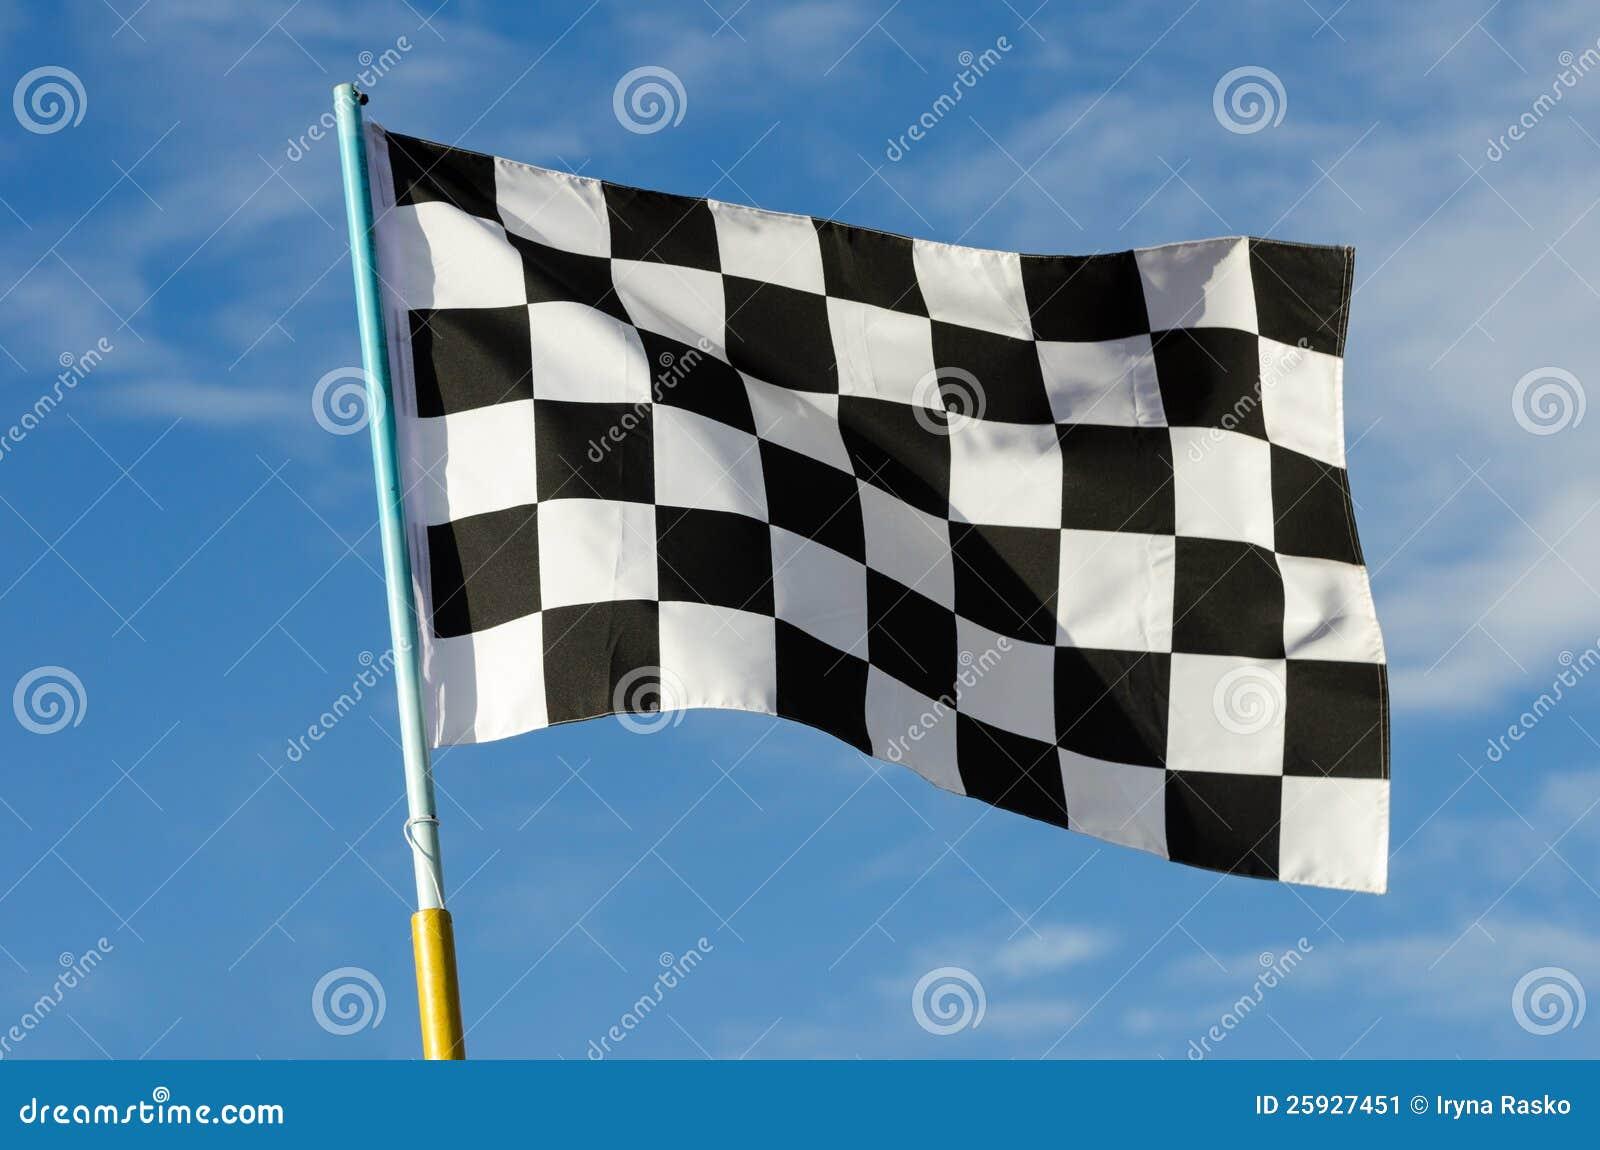 Bandeira Checkered com céu azul